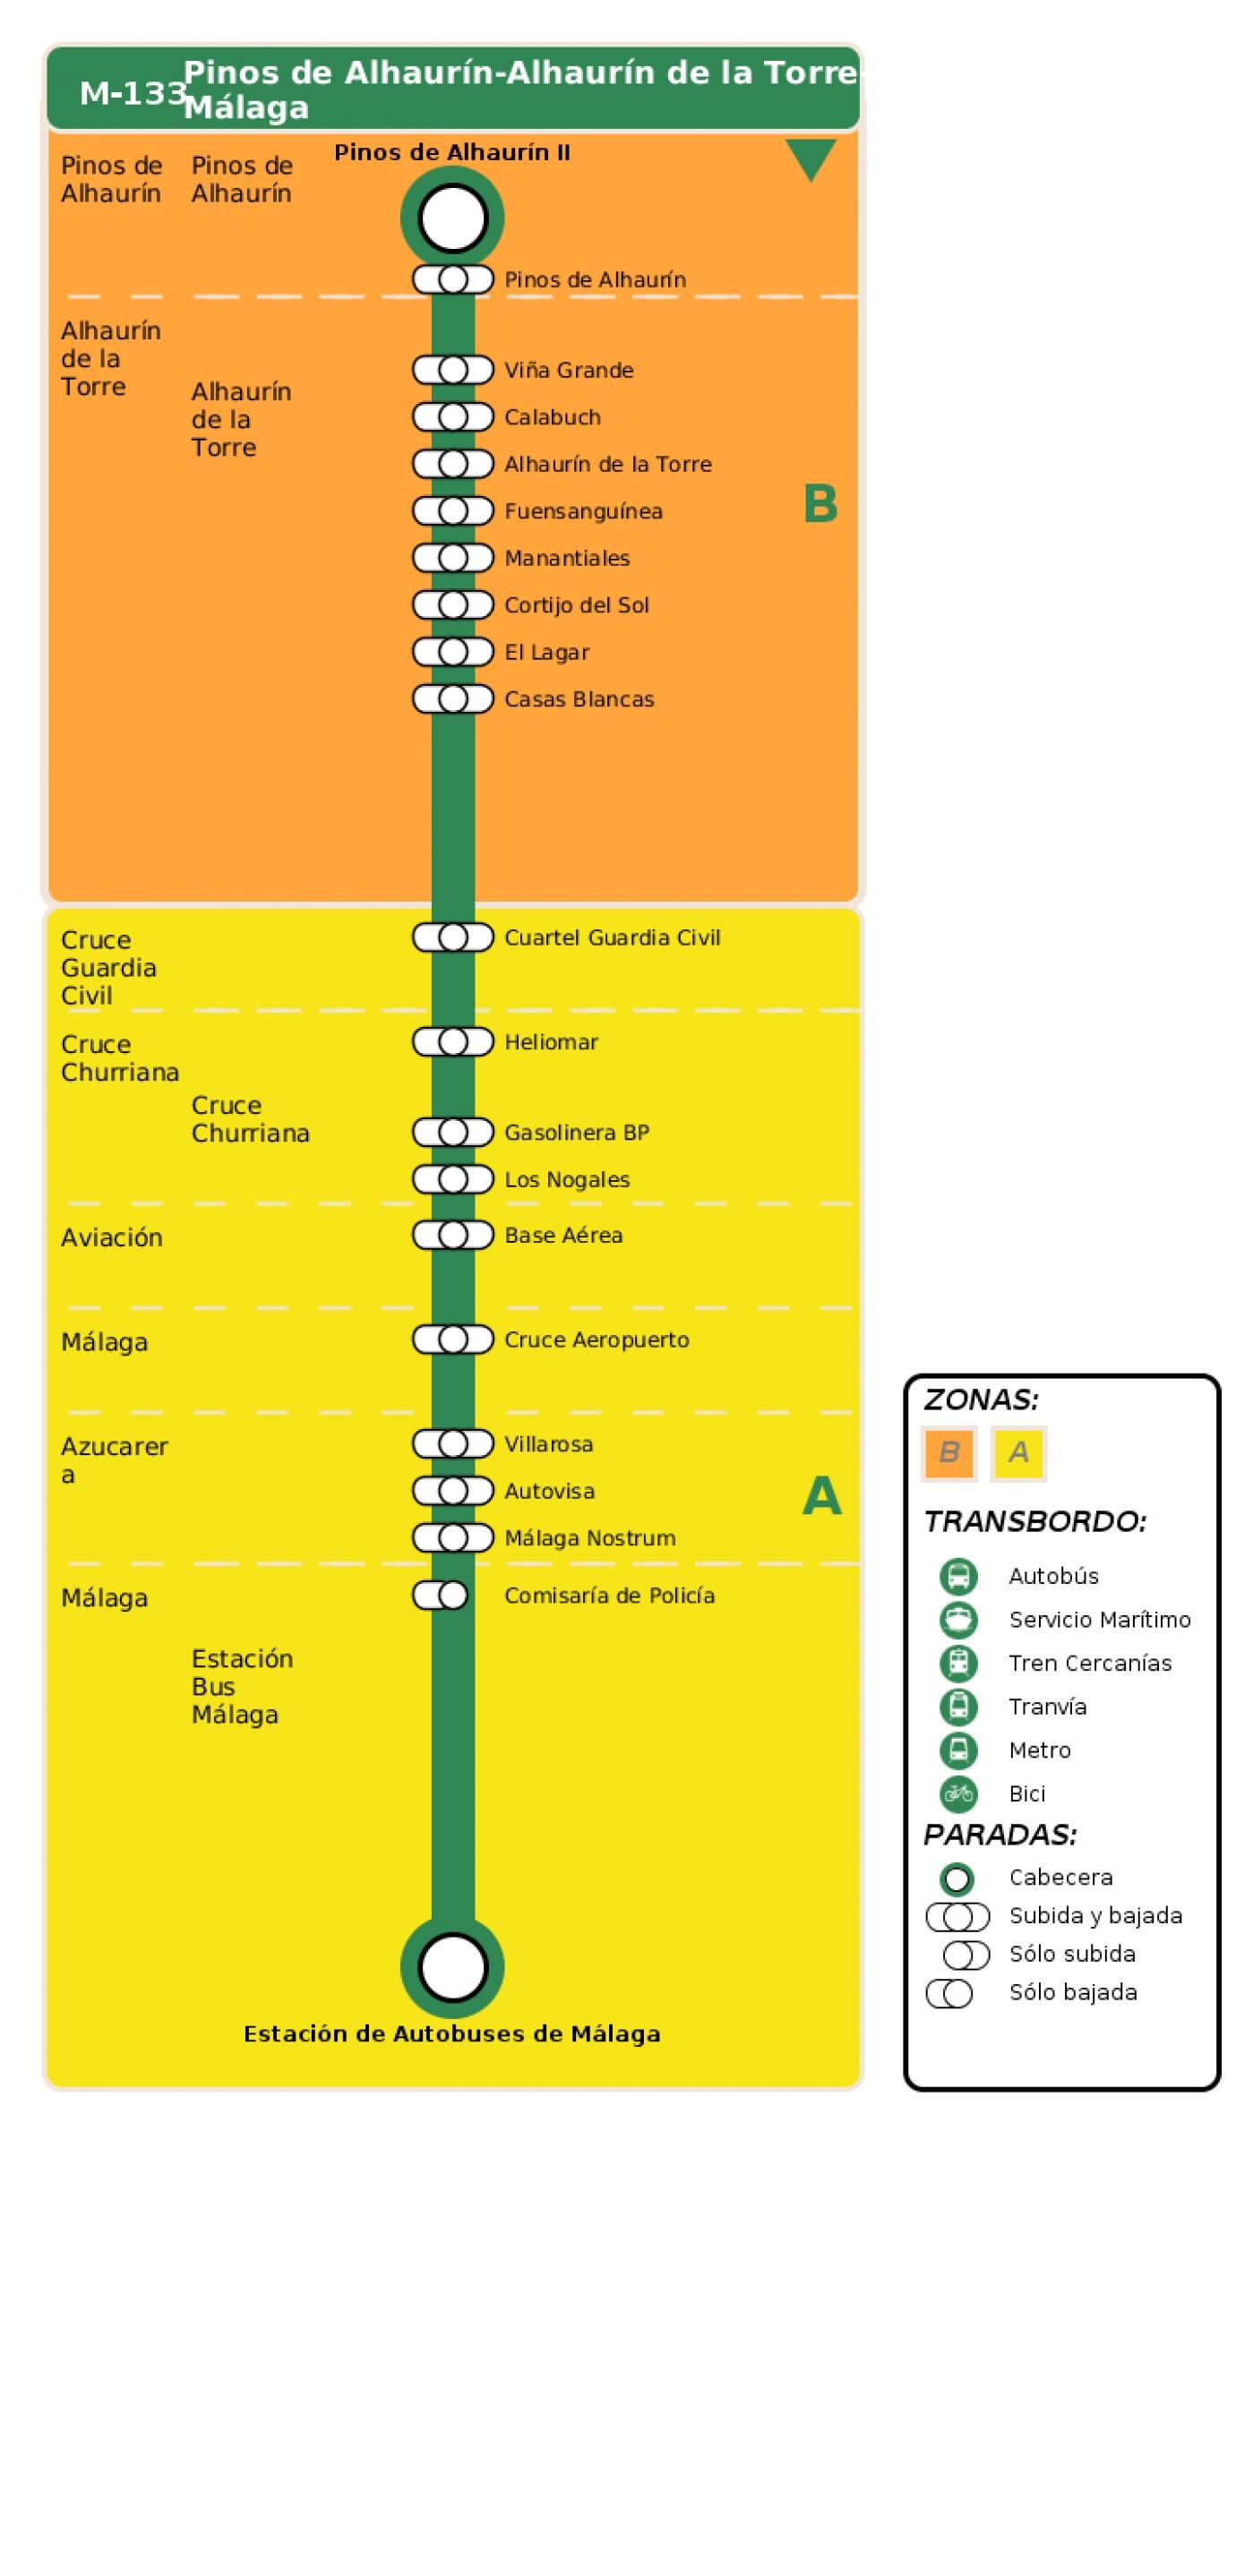 Recorrido esquemático, paradas y correspondencias en sentido ida Línea M-133: Pinos de Alhaurín - Alhaurín de la Torre - Málaga